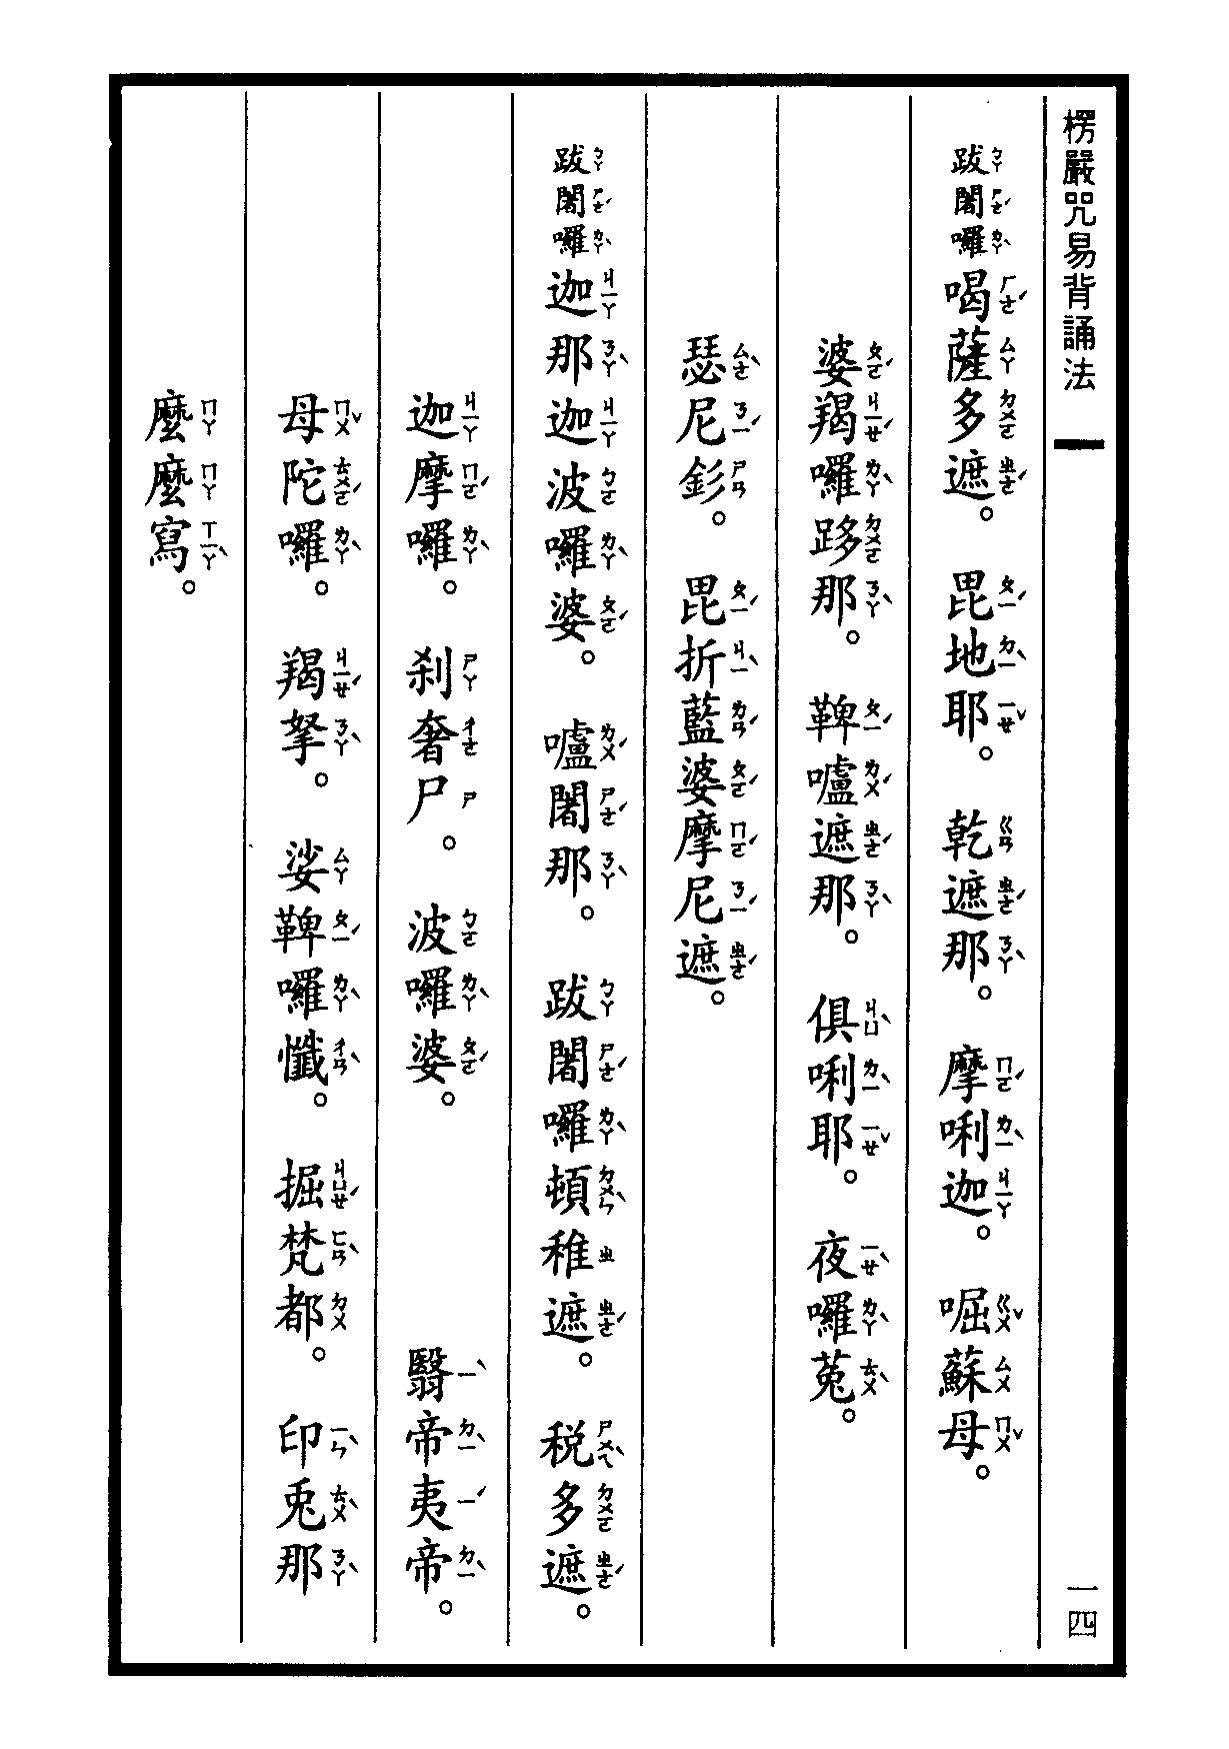 楞嚴咒-大悲咒-十小咒-易背本 20.png